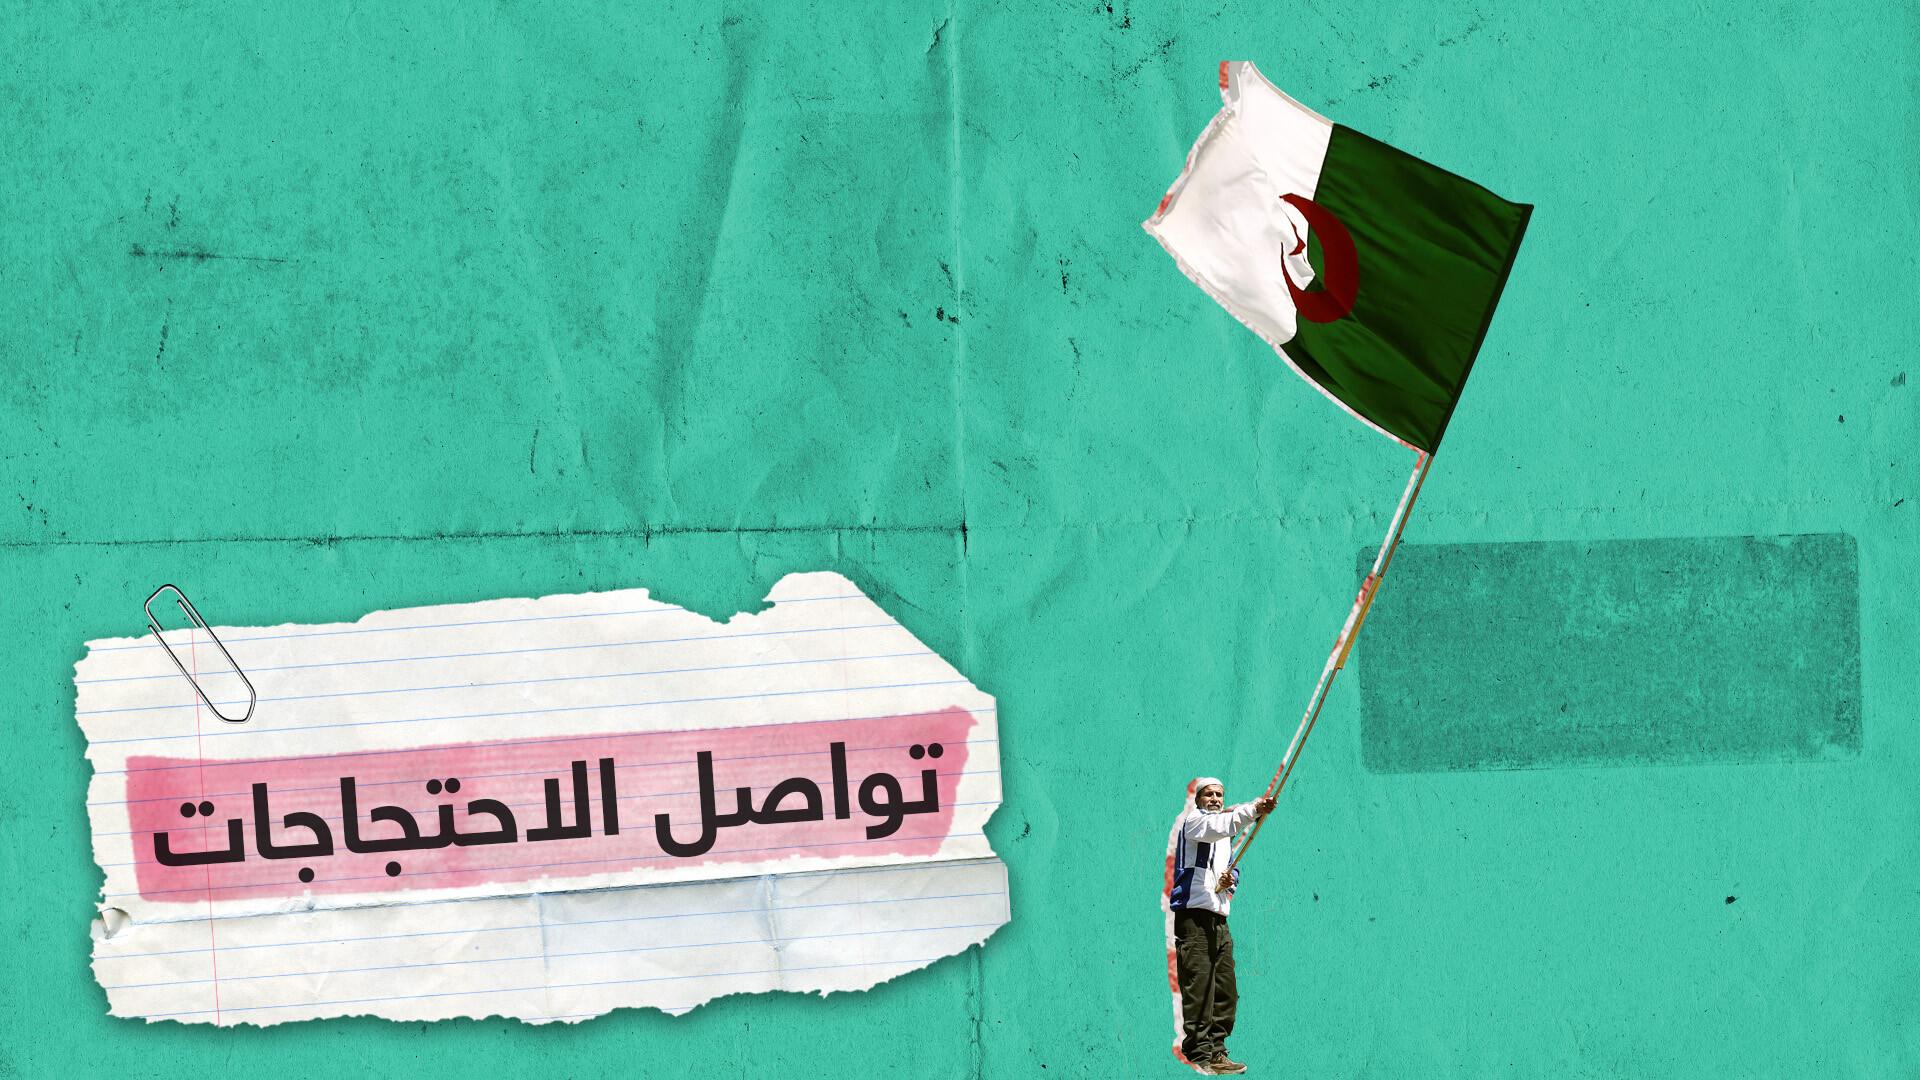 متظاهرو الجزائر ينددون